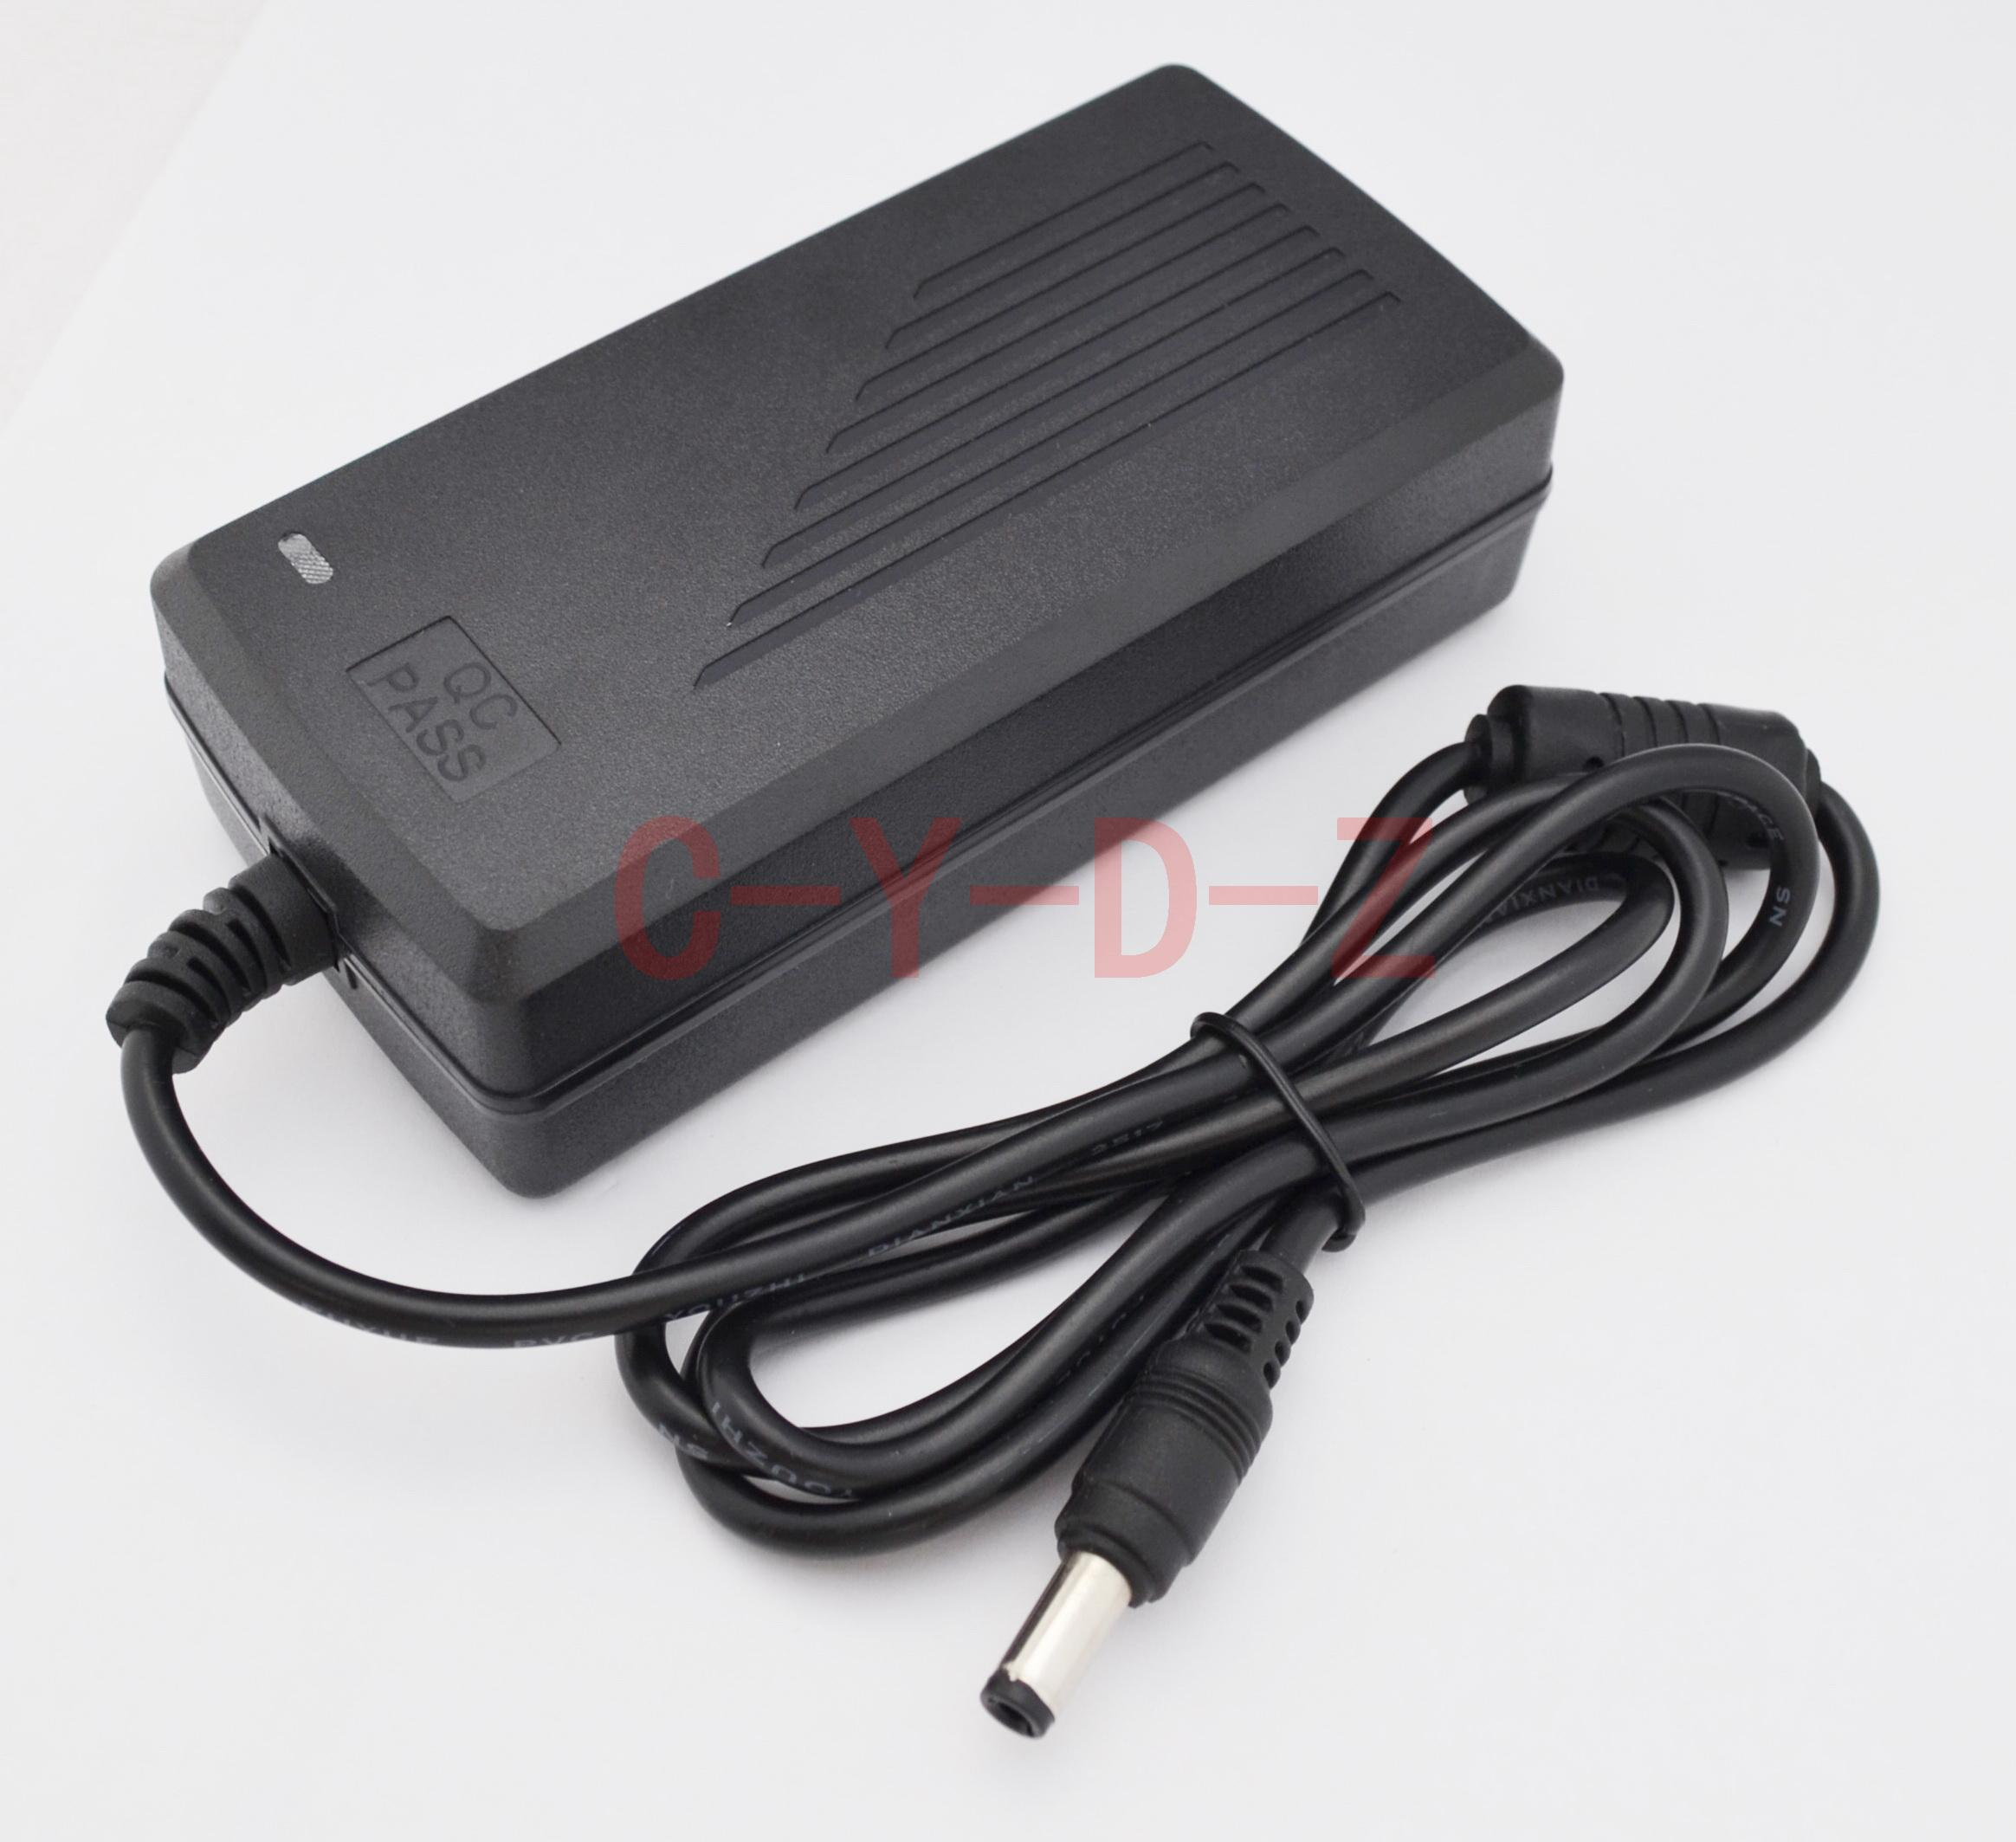 haute qualité IC solutions AC 100V-240V DC 12V 4A Interrupteur d'alimentation, 48W Adaptateur LED, DC 5.5mm * 2.1-2.5mm + Livraison gratuite